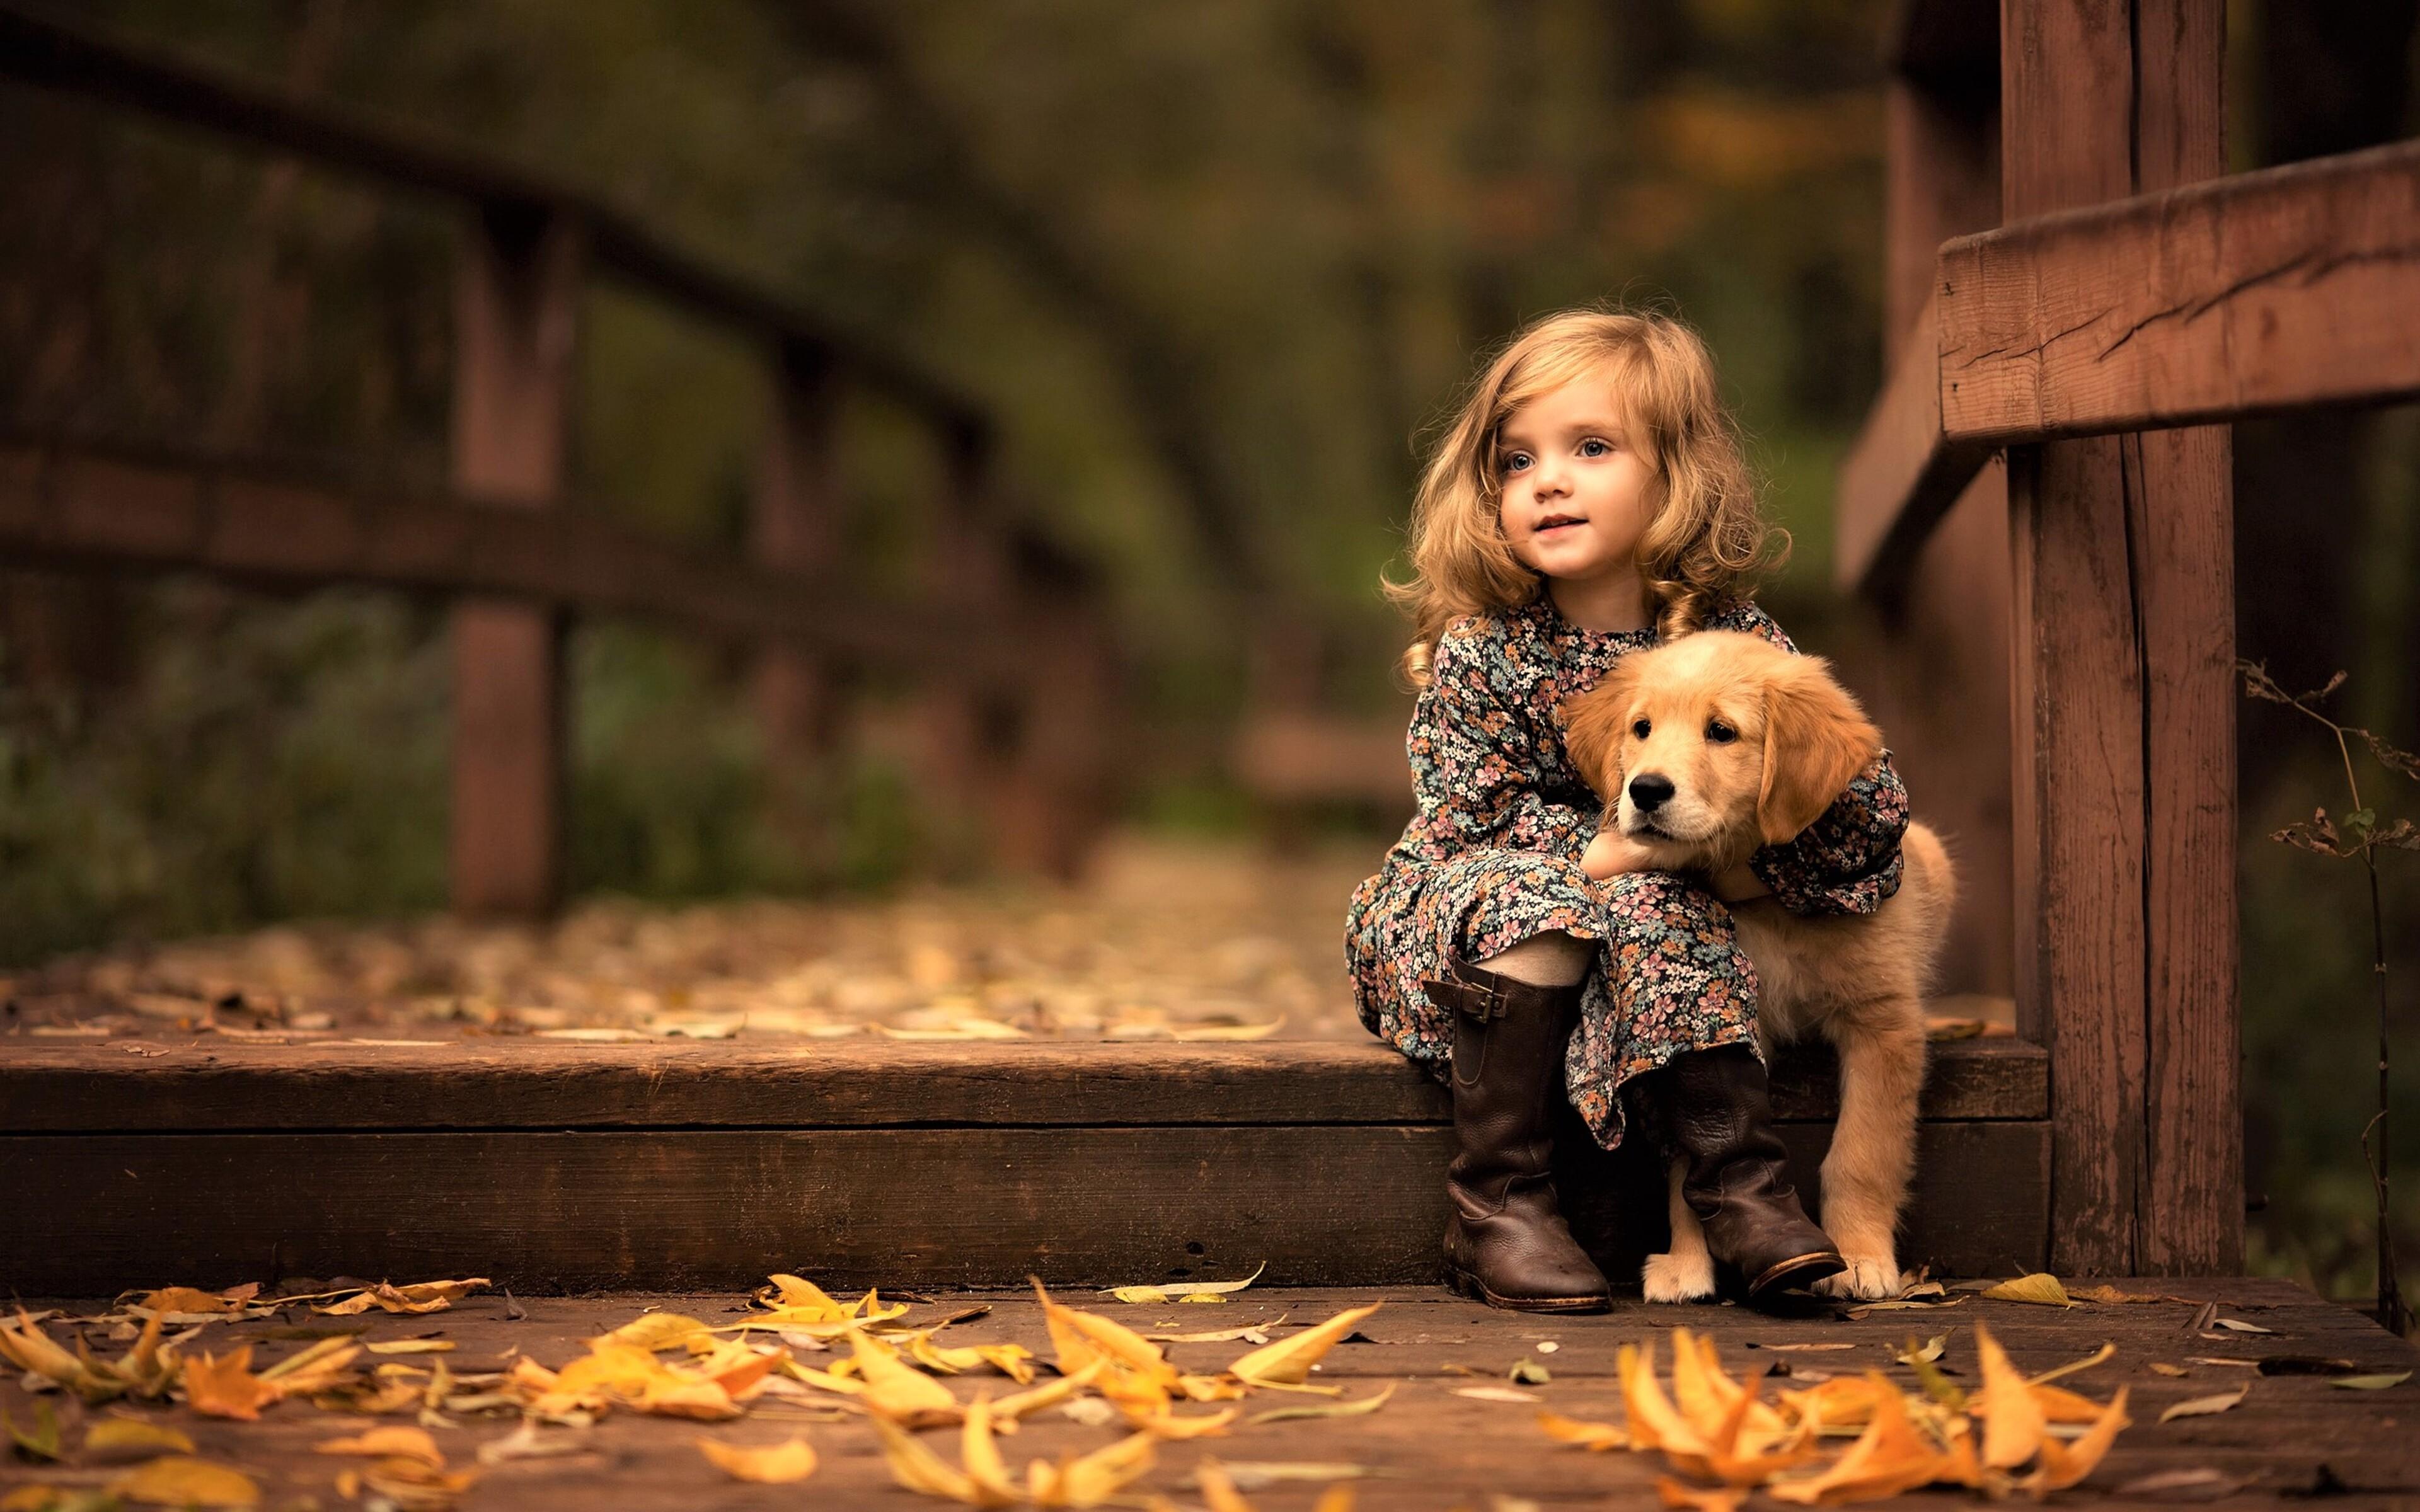 Летию, картинки для девочек 8-9 лет с животными красивые